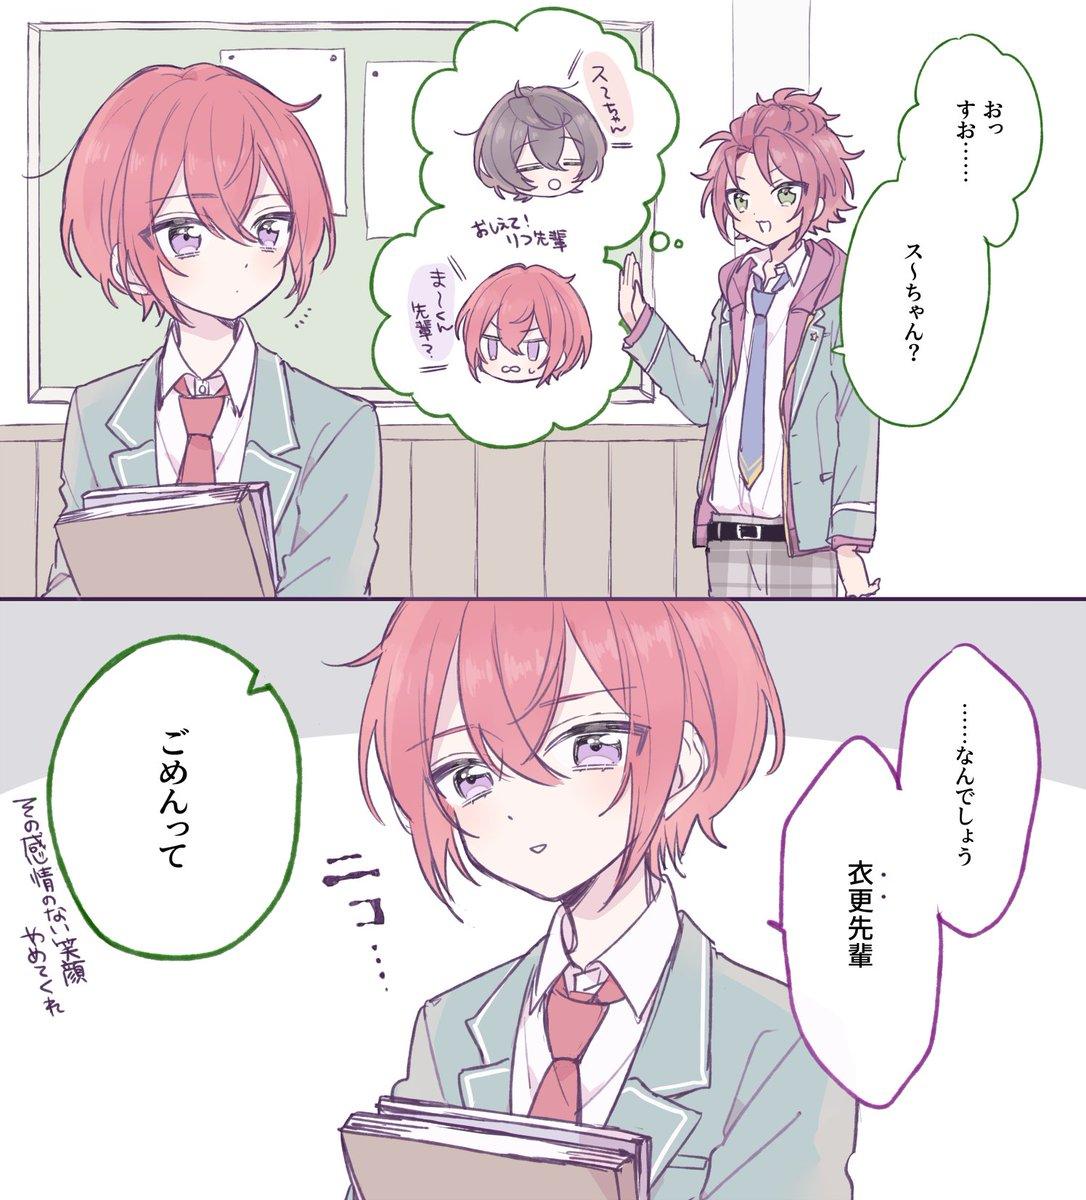 懐かない(ま~くんとス~ちゃん)